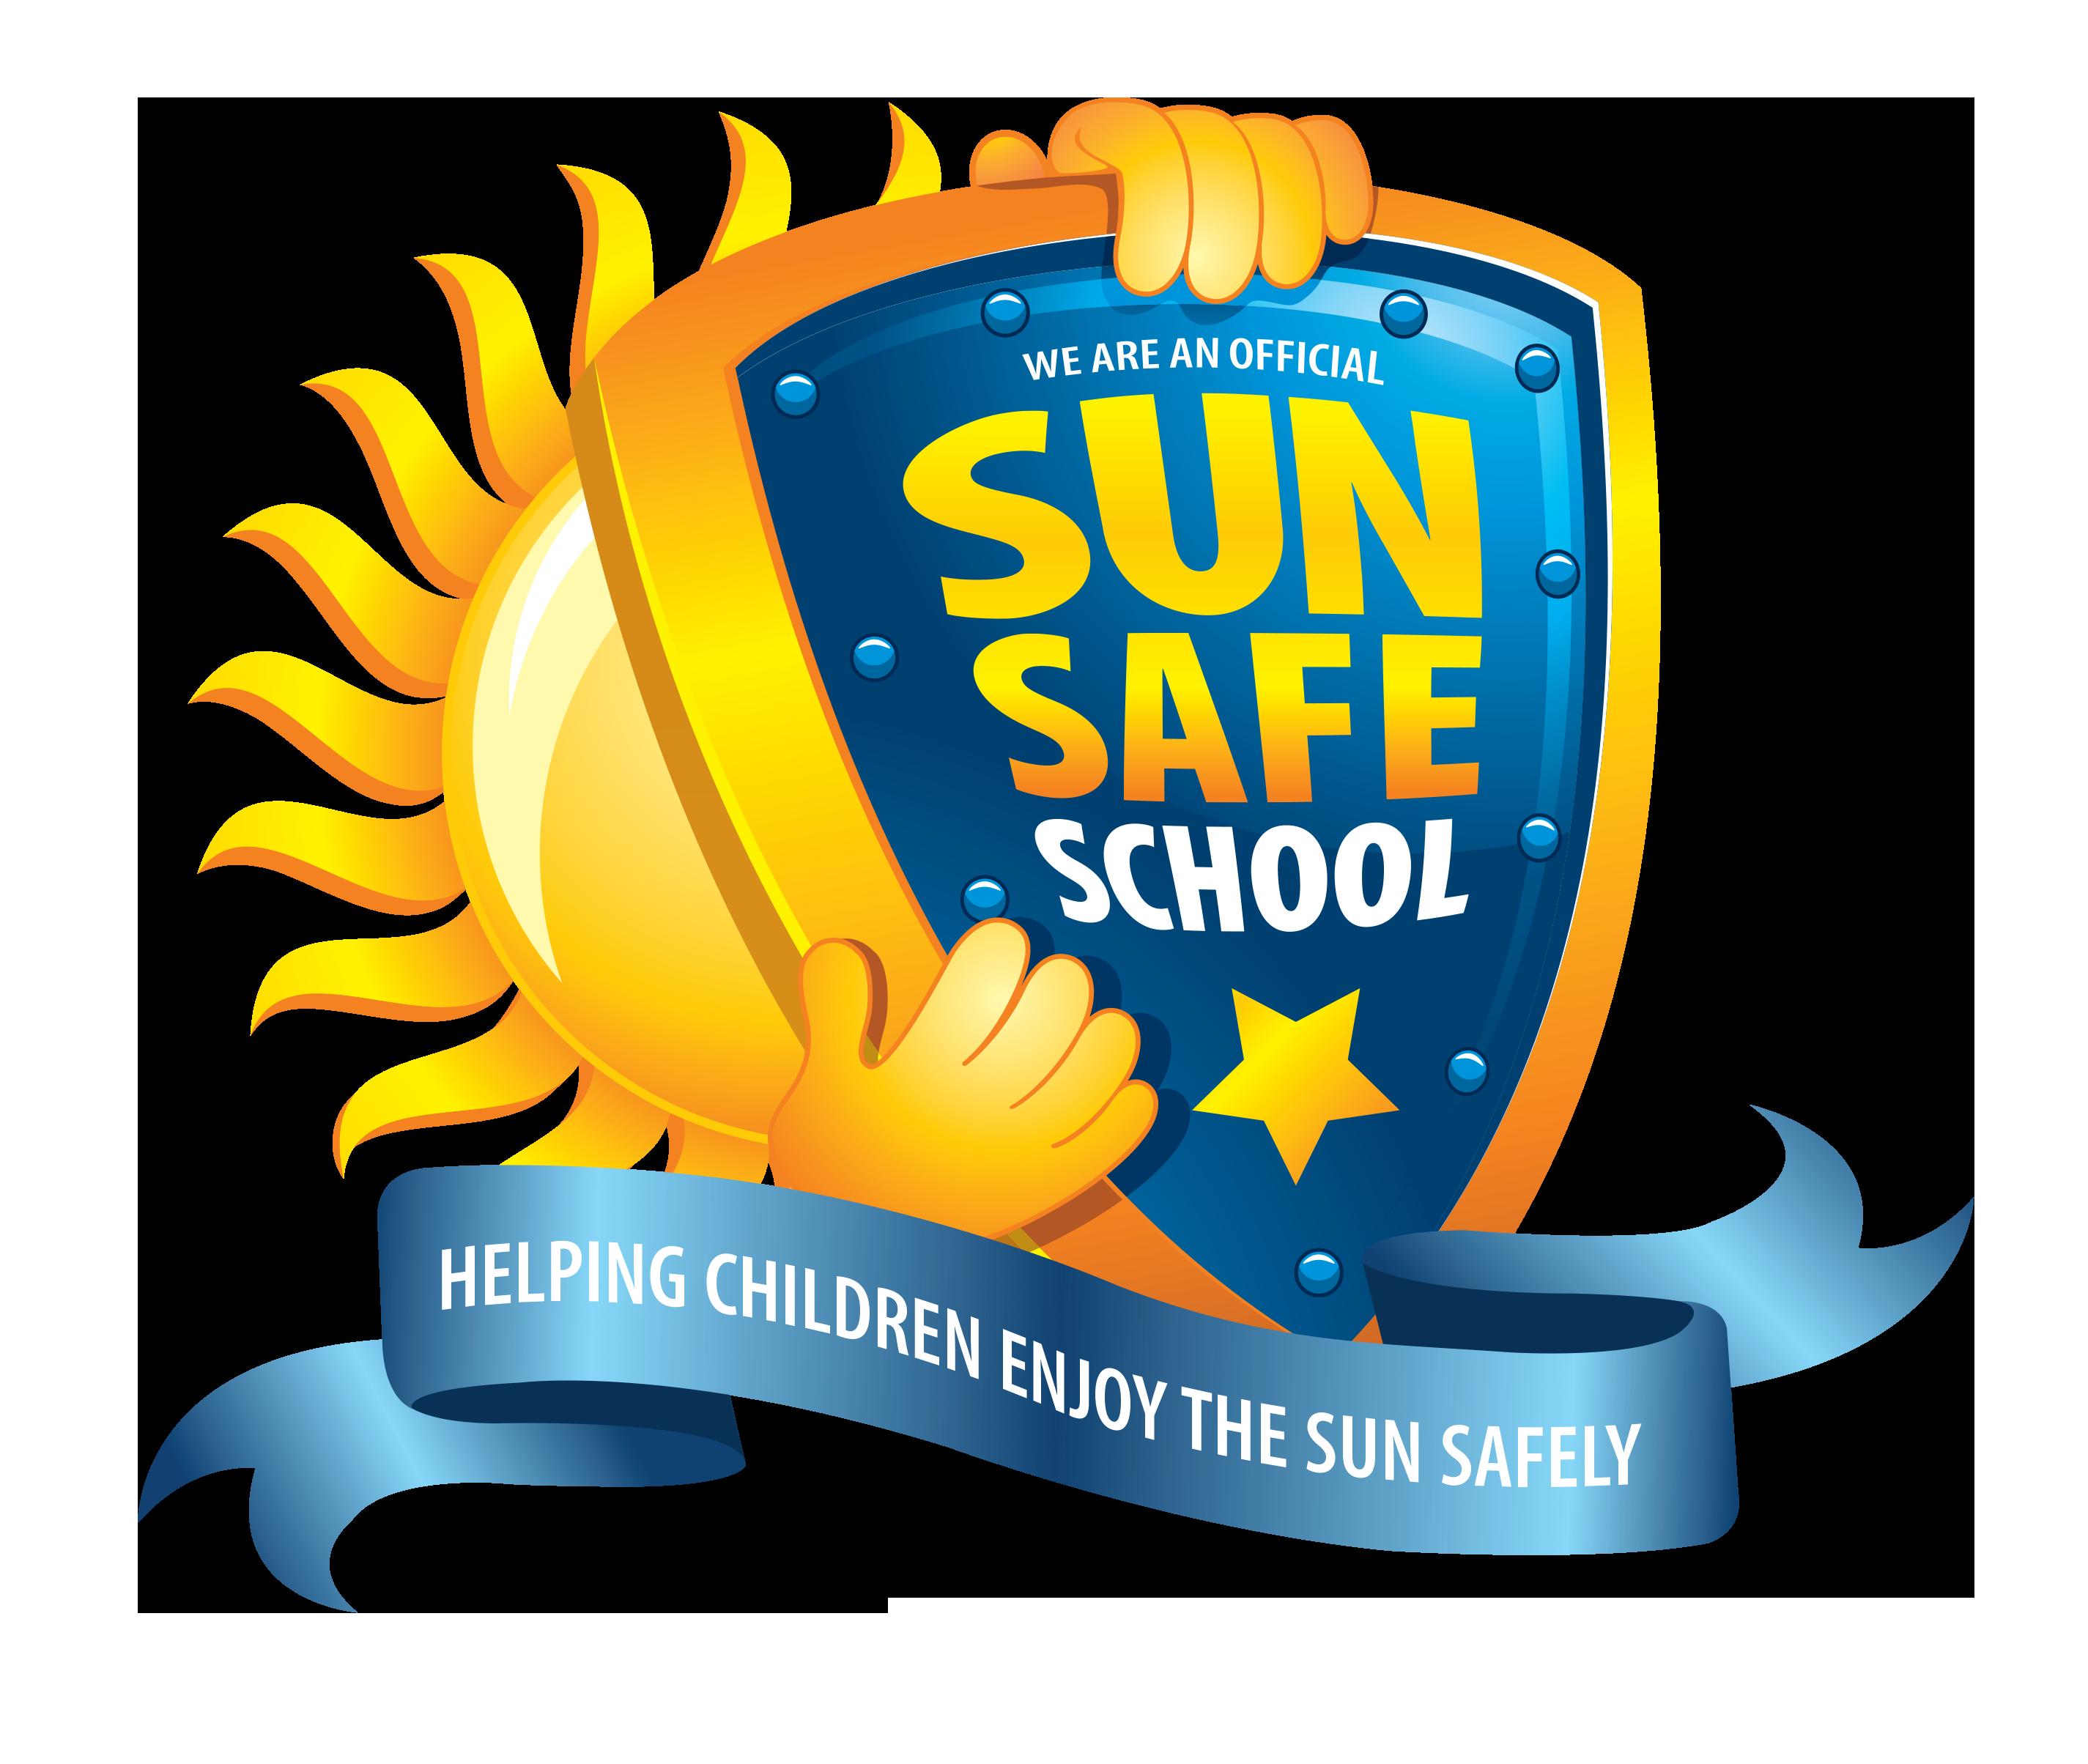 We are a Sun-Safe School